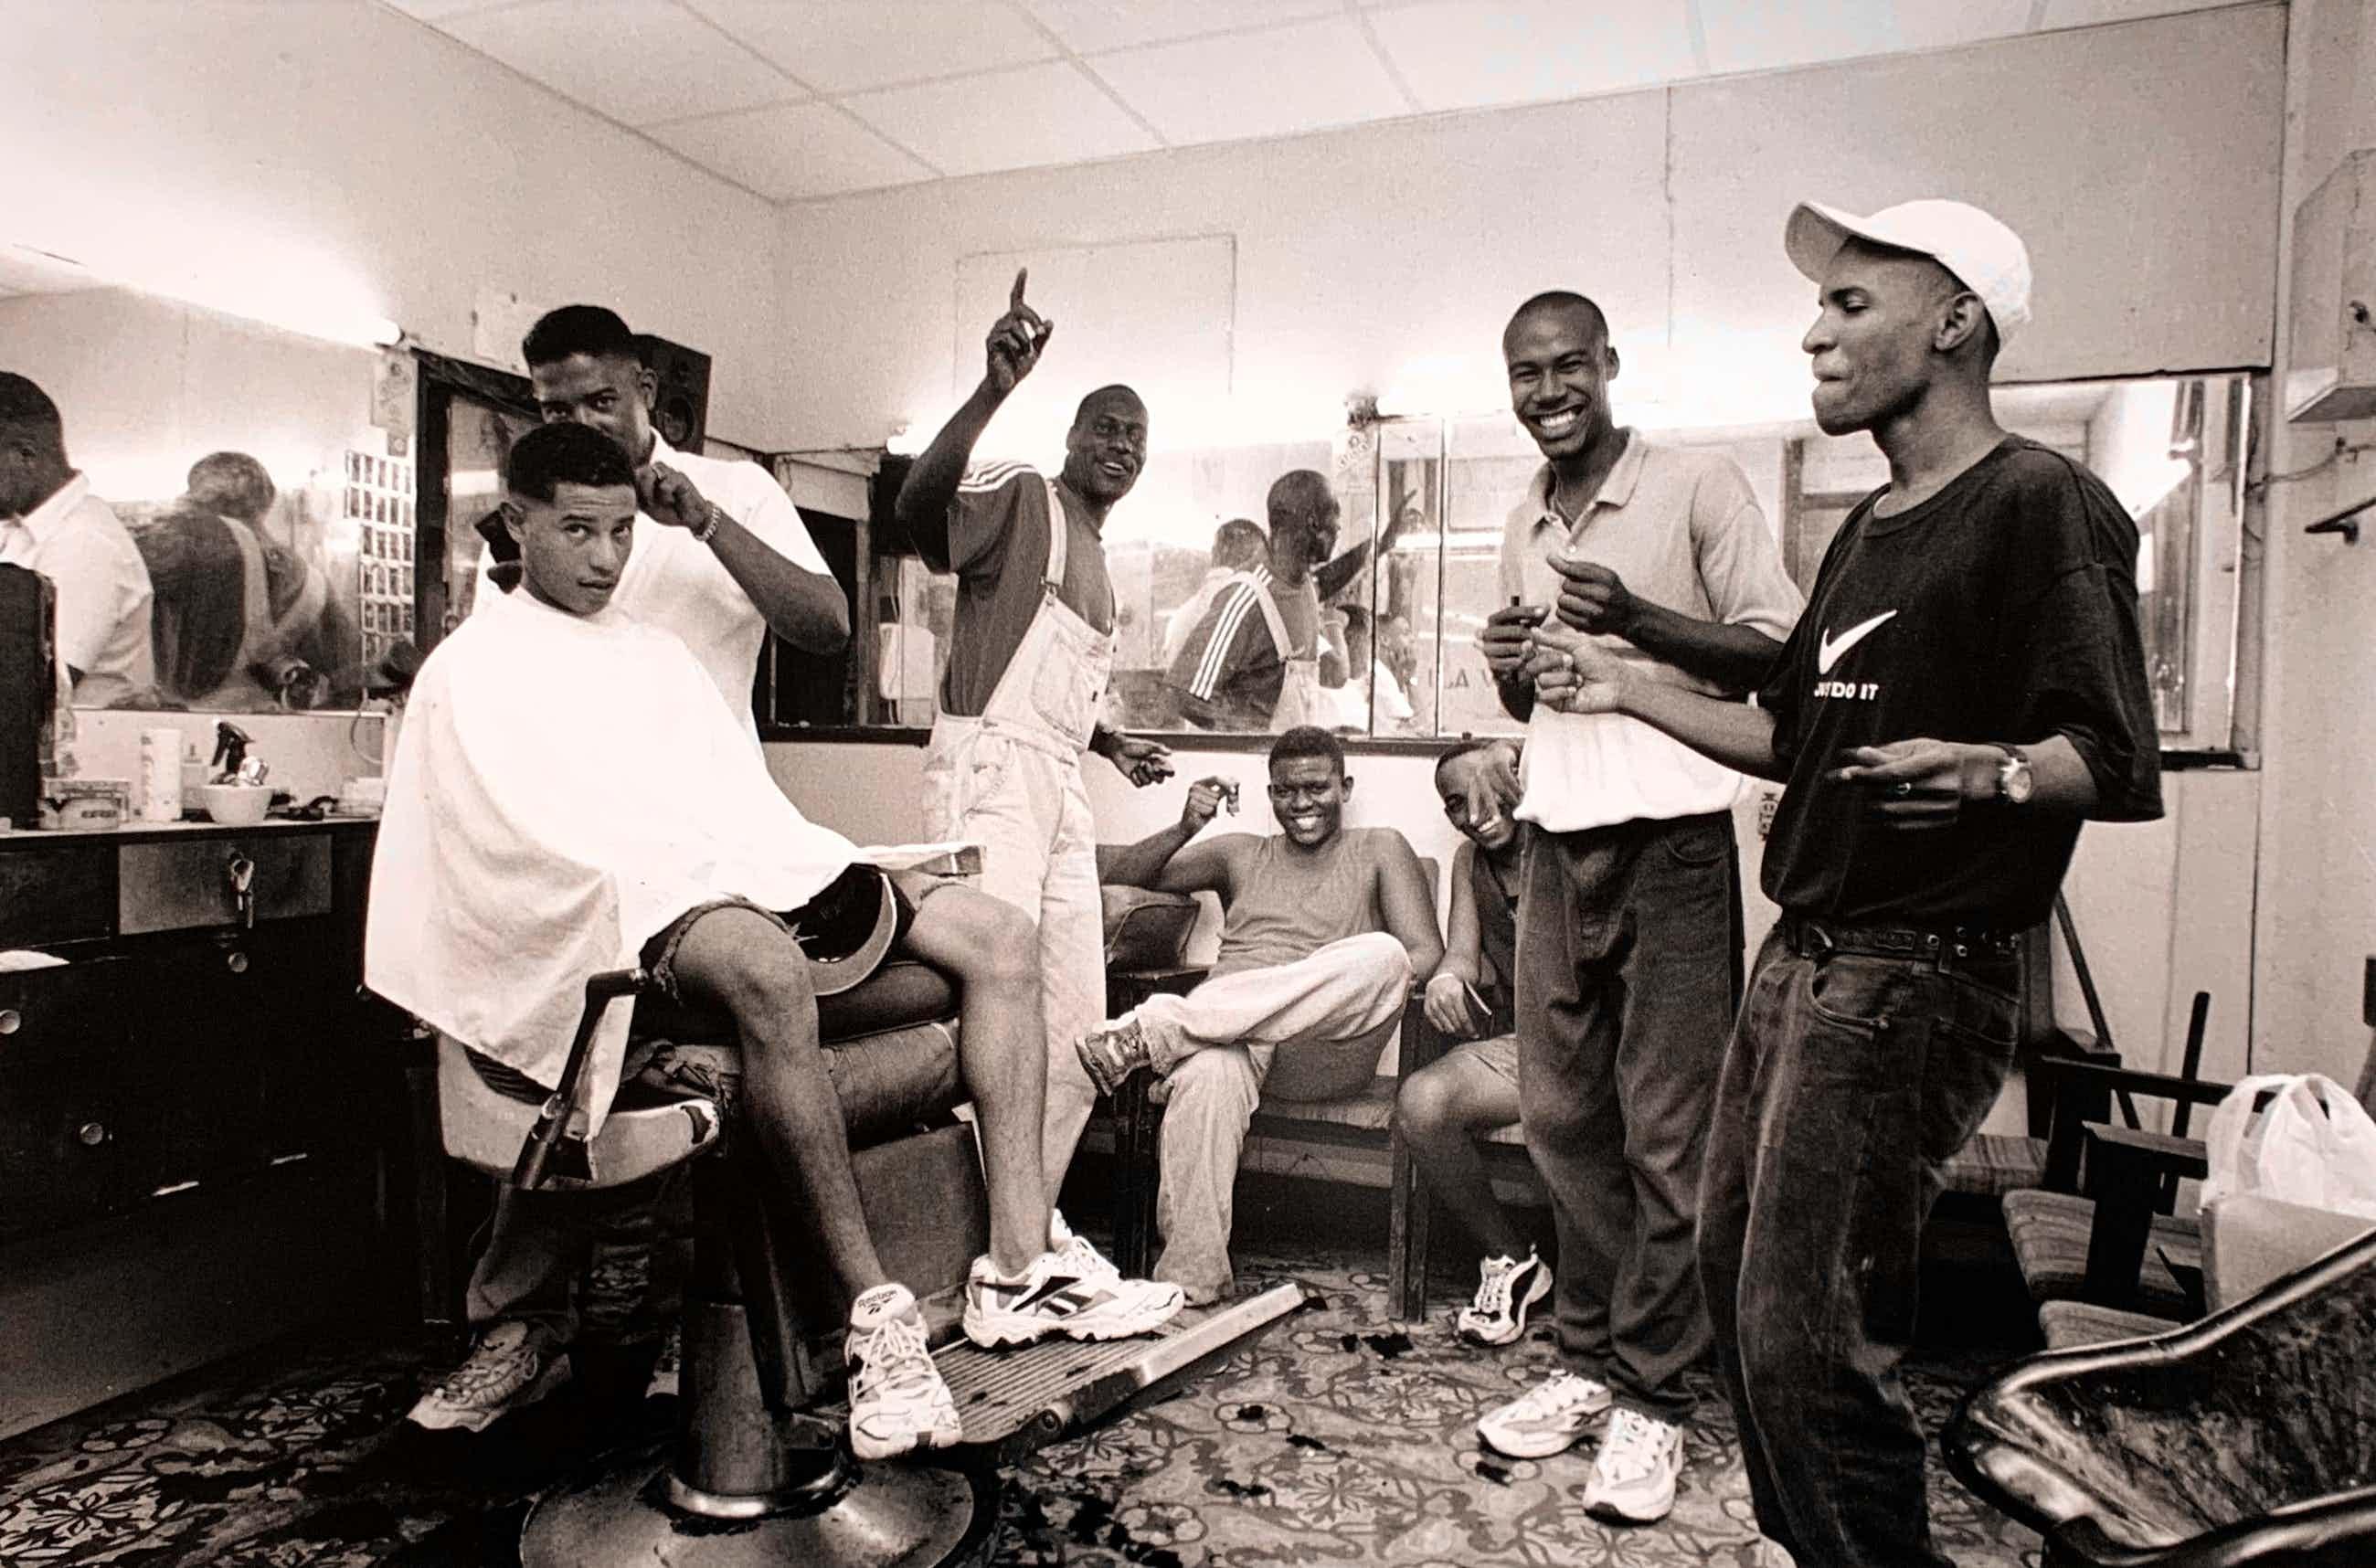 Nico Koster - handgesigneerde foto | 'Dansende mannen bij de kapper in Cuba' | 1999 kopen? Bied vanaf 75!